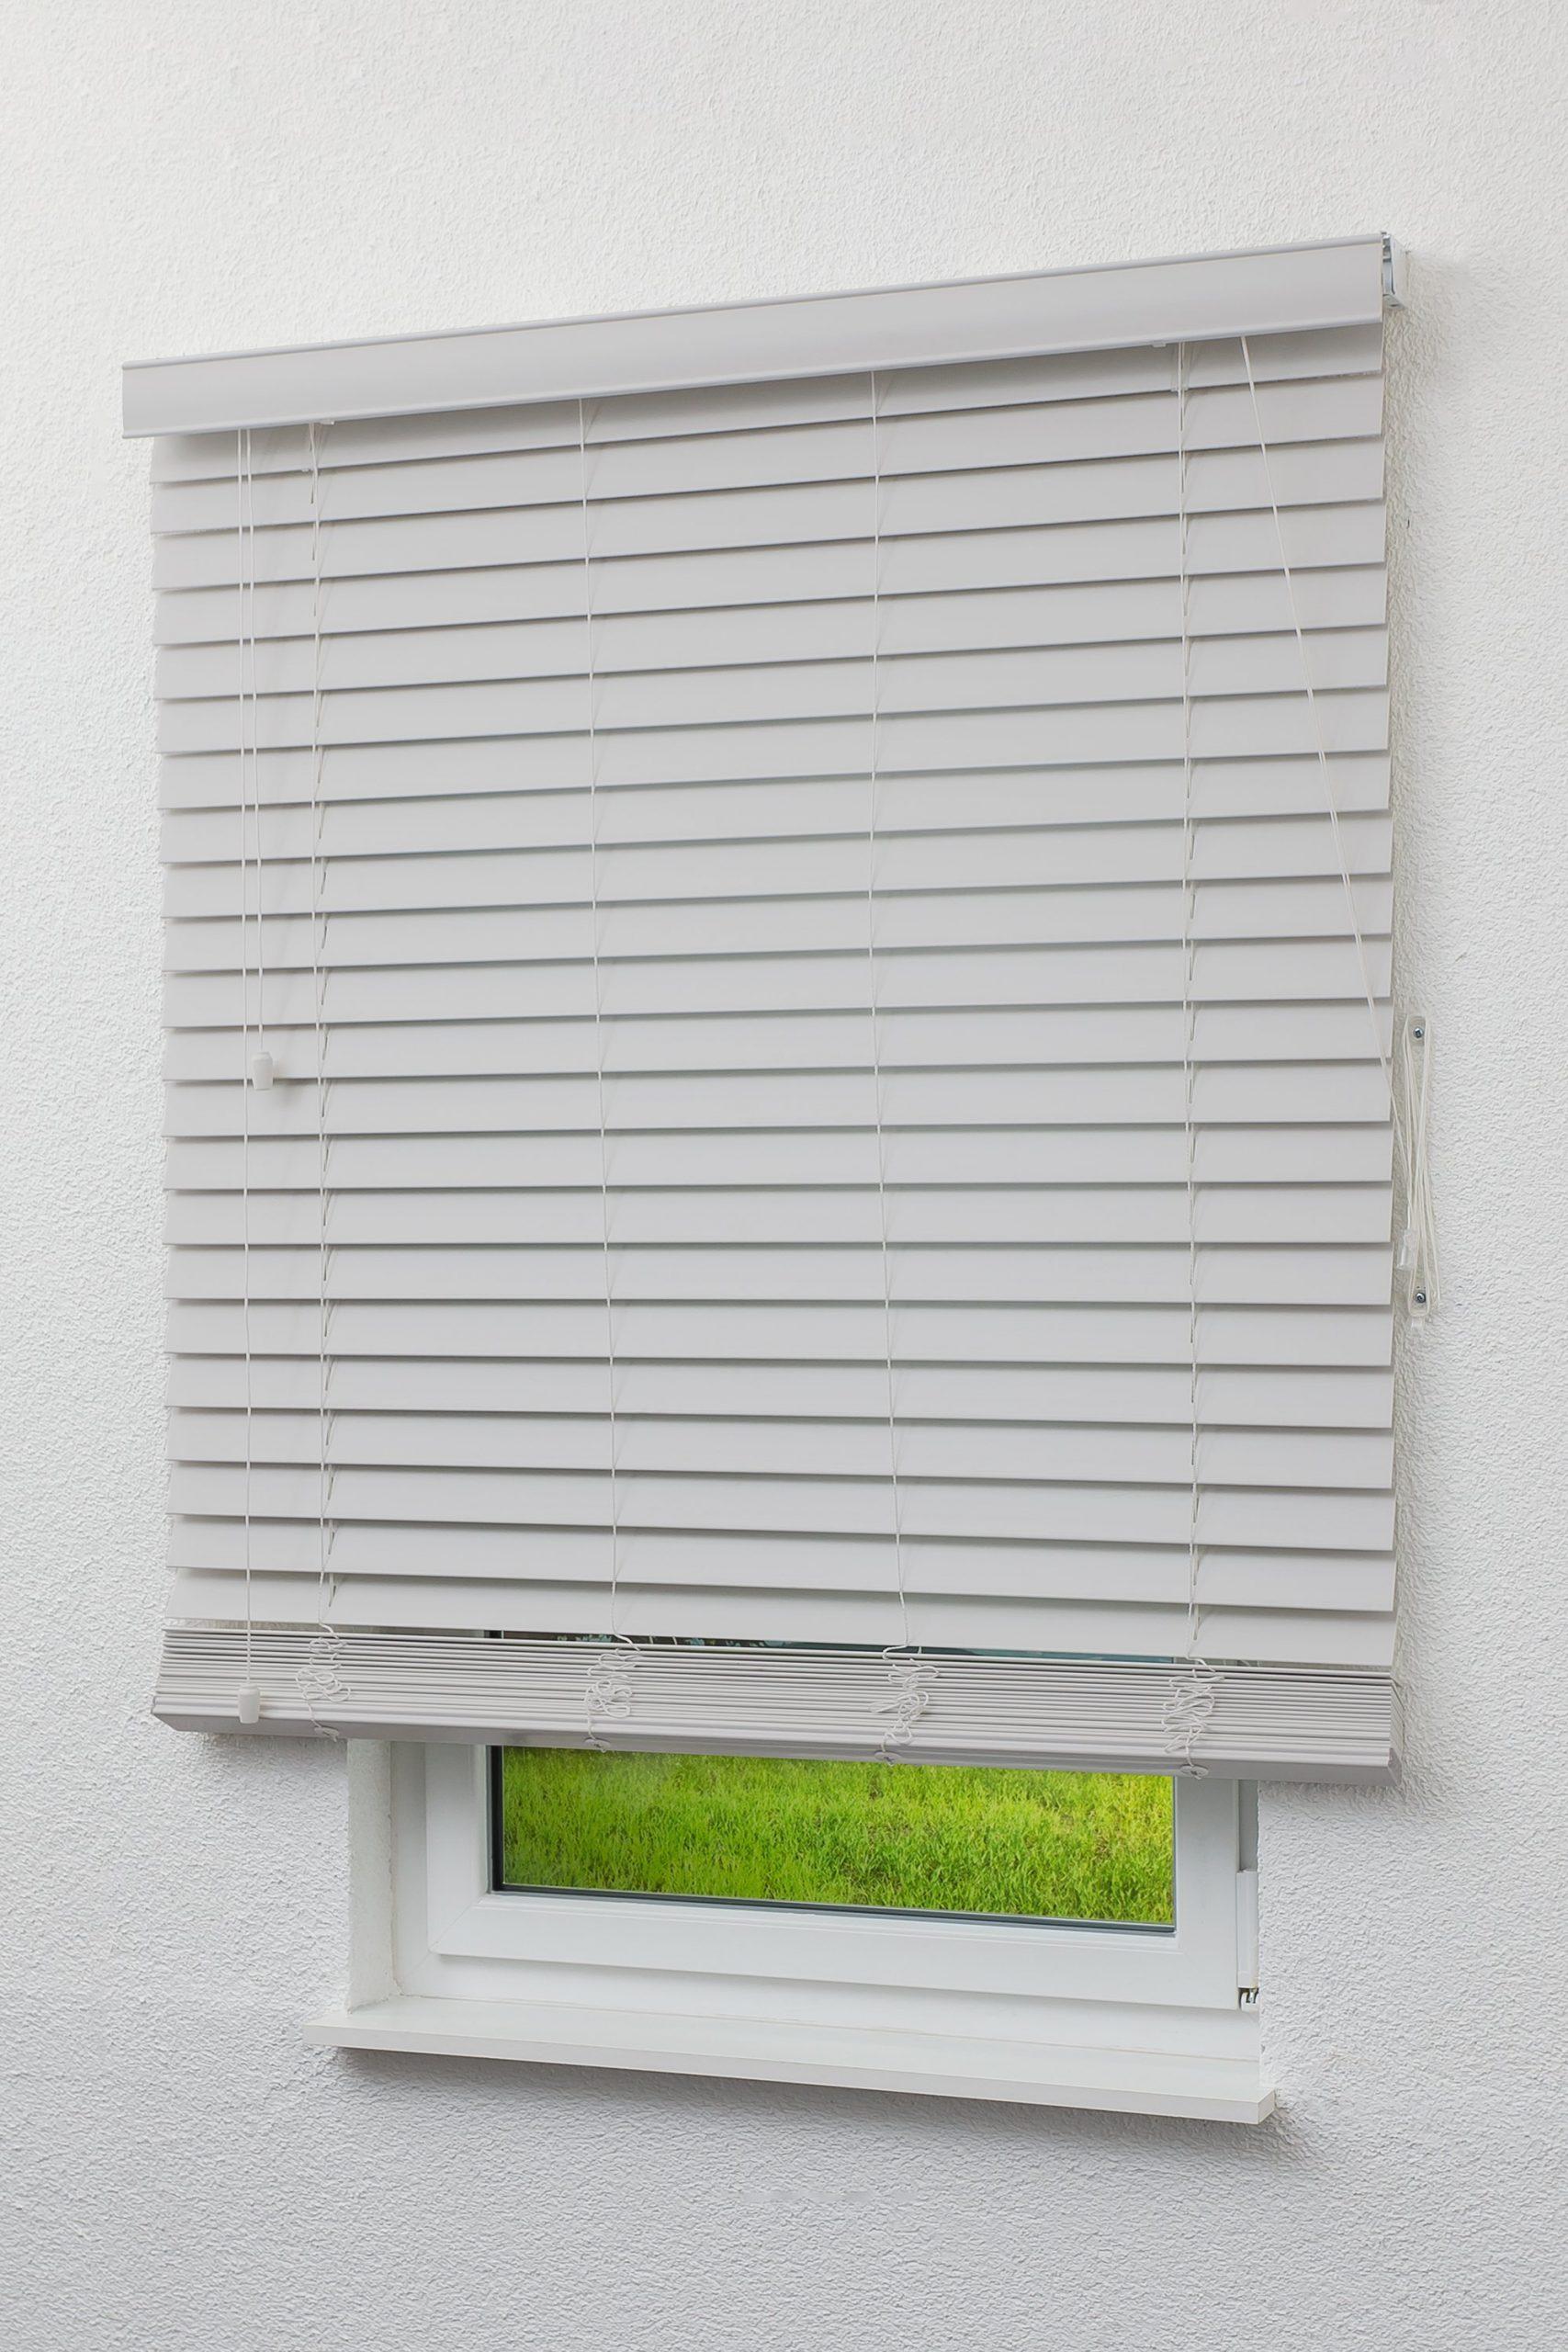 Full Size of Fenster Sonnenschutz Lysel Qualitts Jalousie Pvc Holz Optik 50mm Sichtschutz Bremen Gardinen Sichtschutzfolie Einseitig Durchsichtig Günstige Obi Fliegennetz Fenster Fenster Sonnenschutz